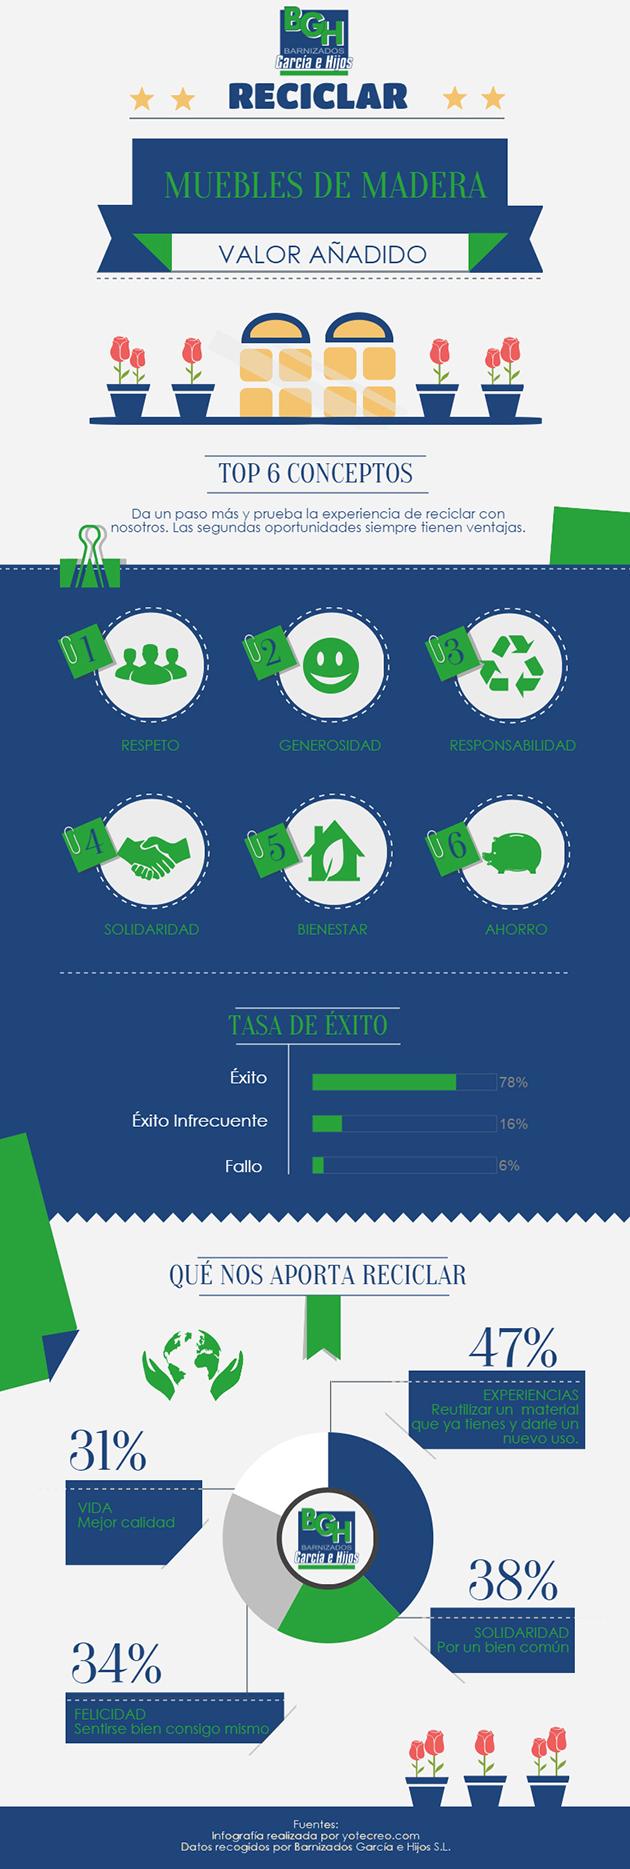 Infografia-Reciclar-Muebles-de-Madera-BGH-p